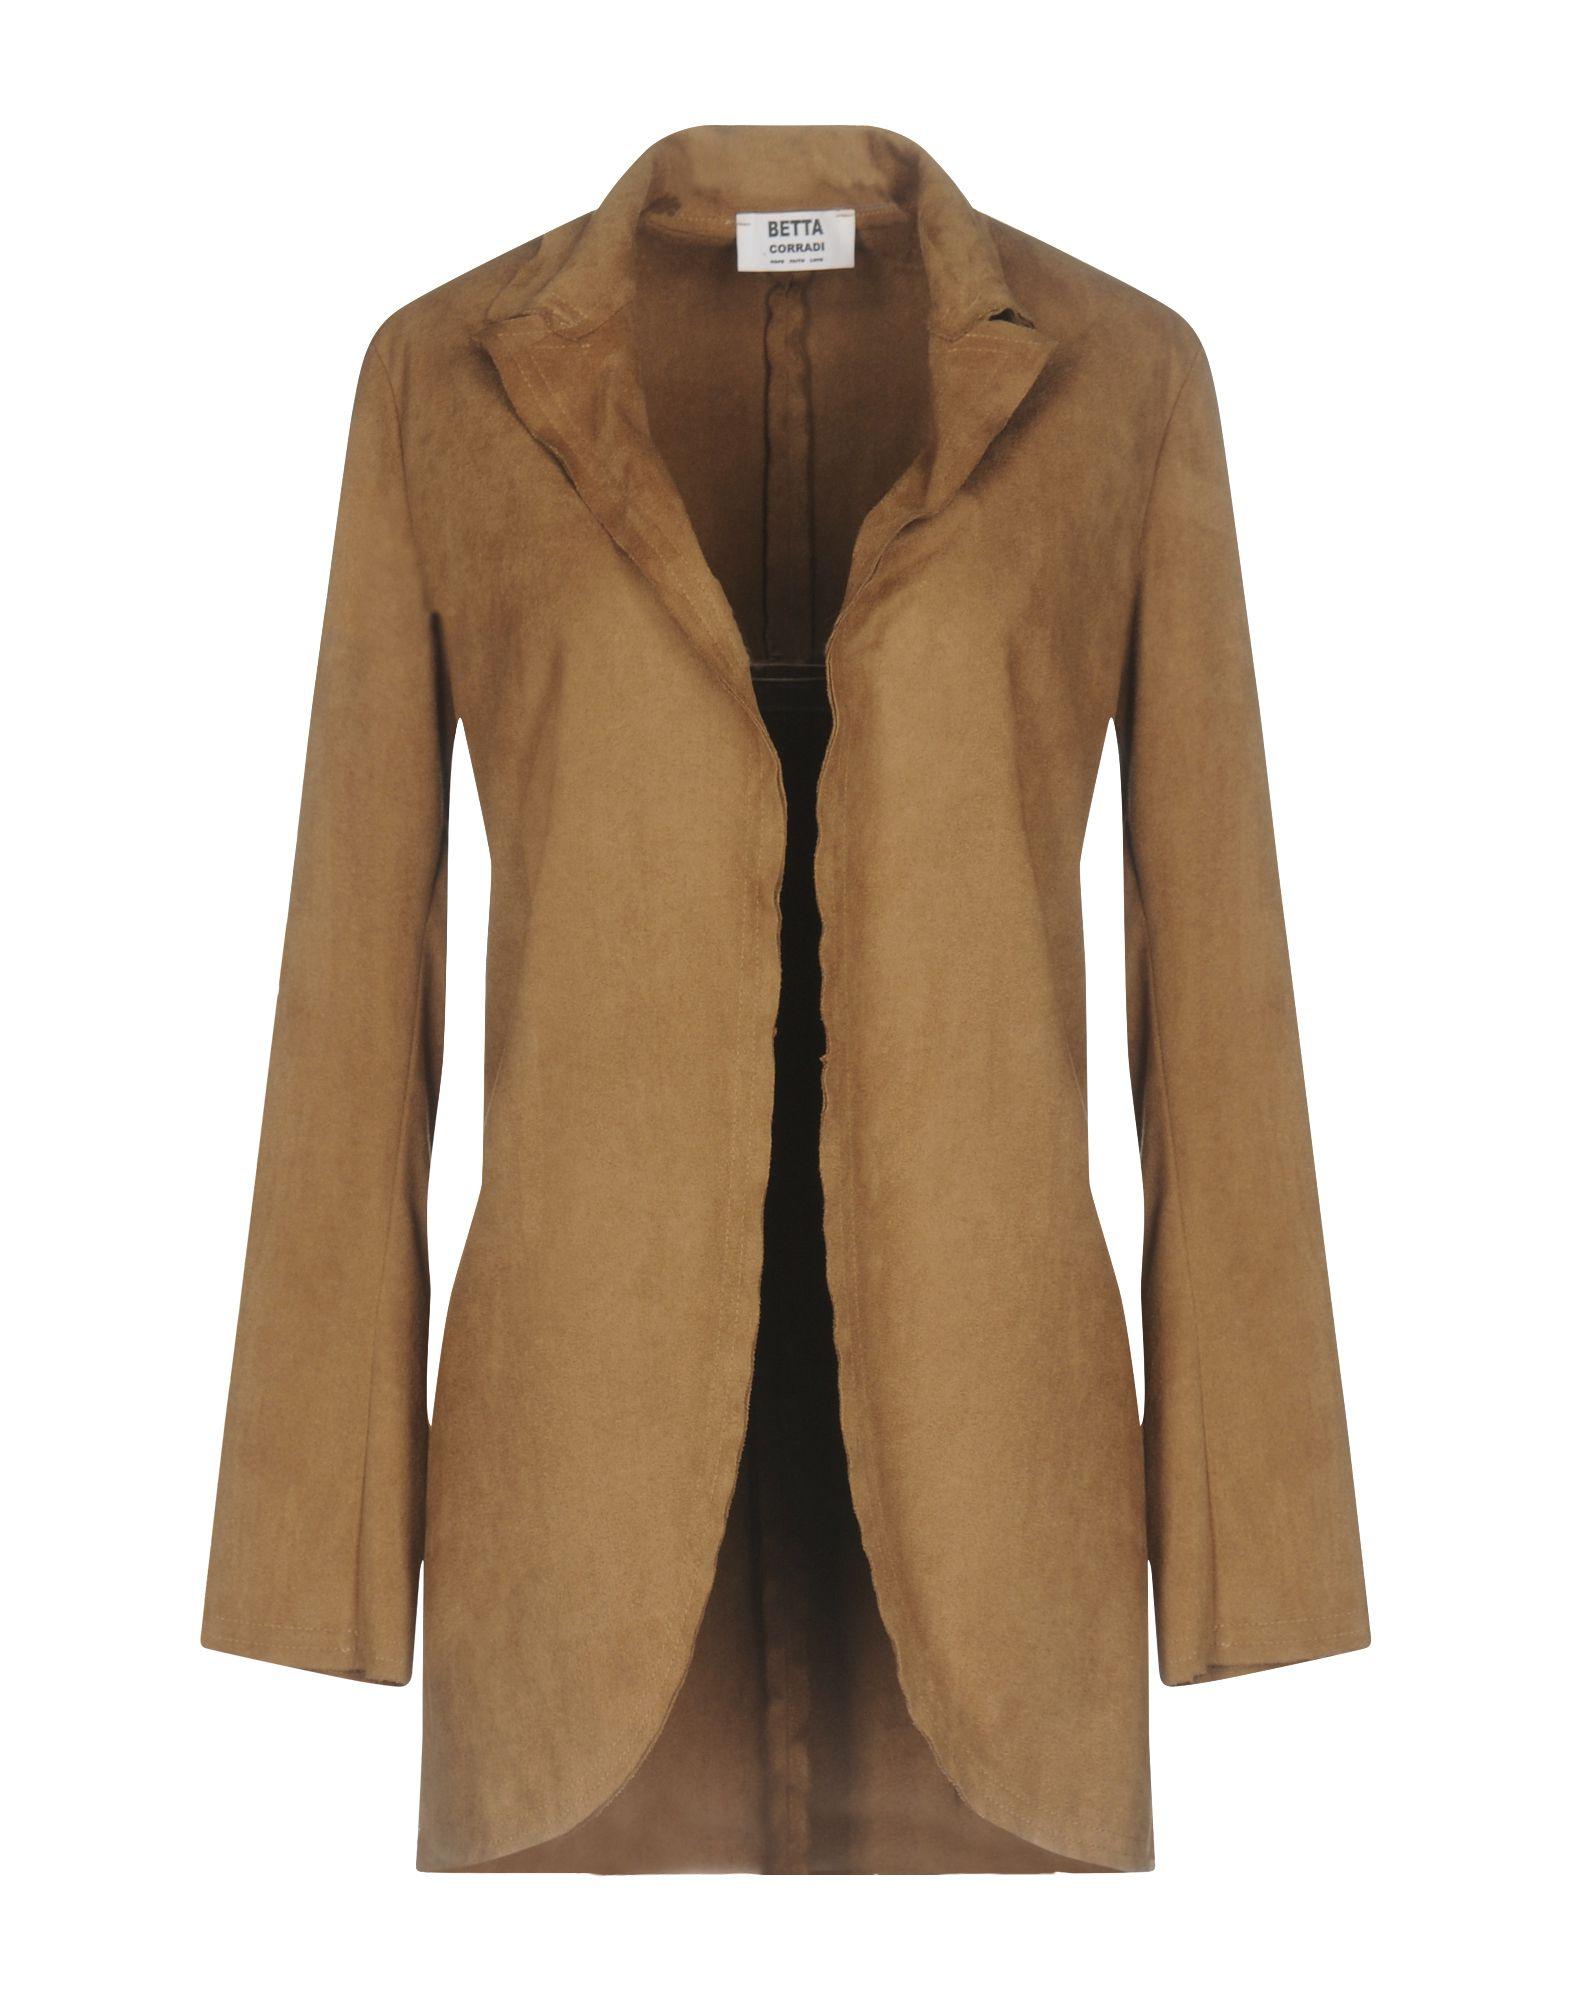 《送料無料》BETTA CORRADI レディース テーラードジャケット ブラウン M ポリエステル 100%